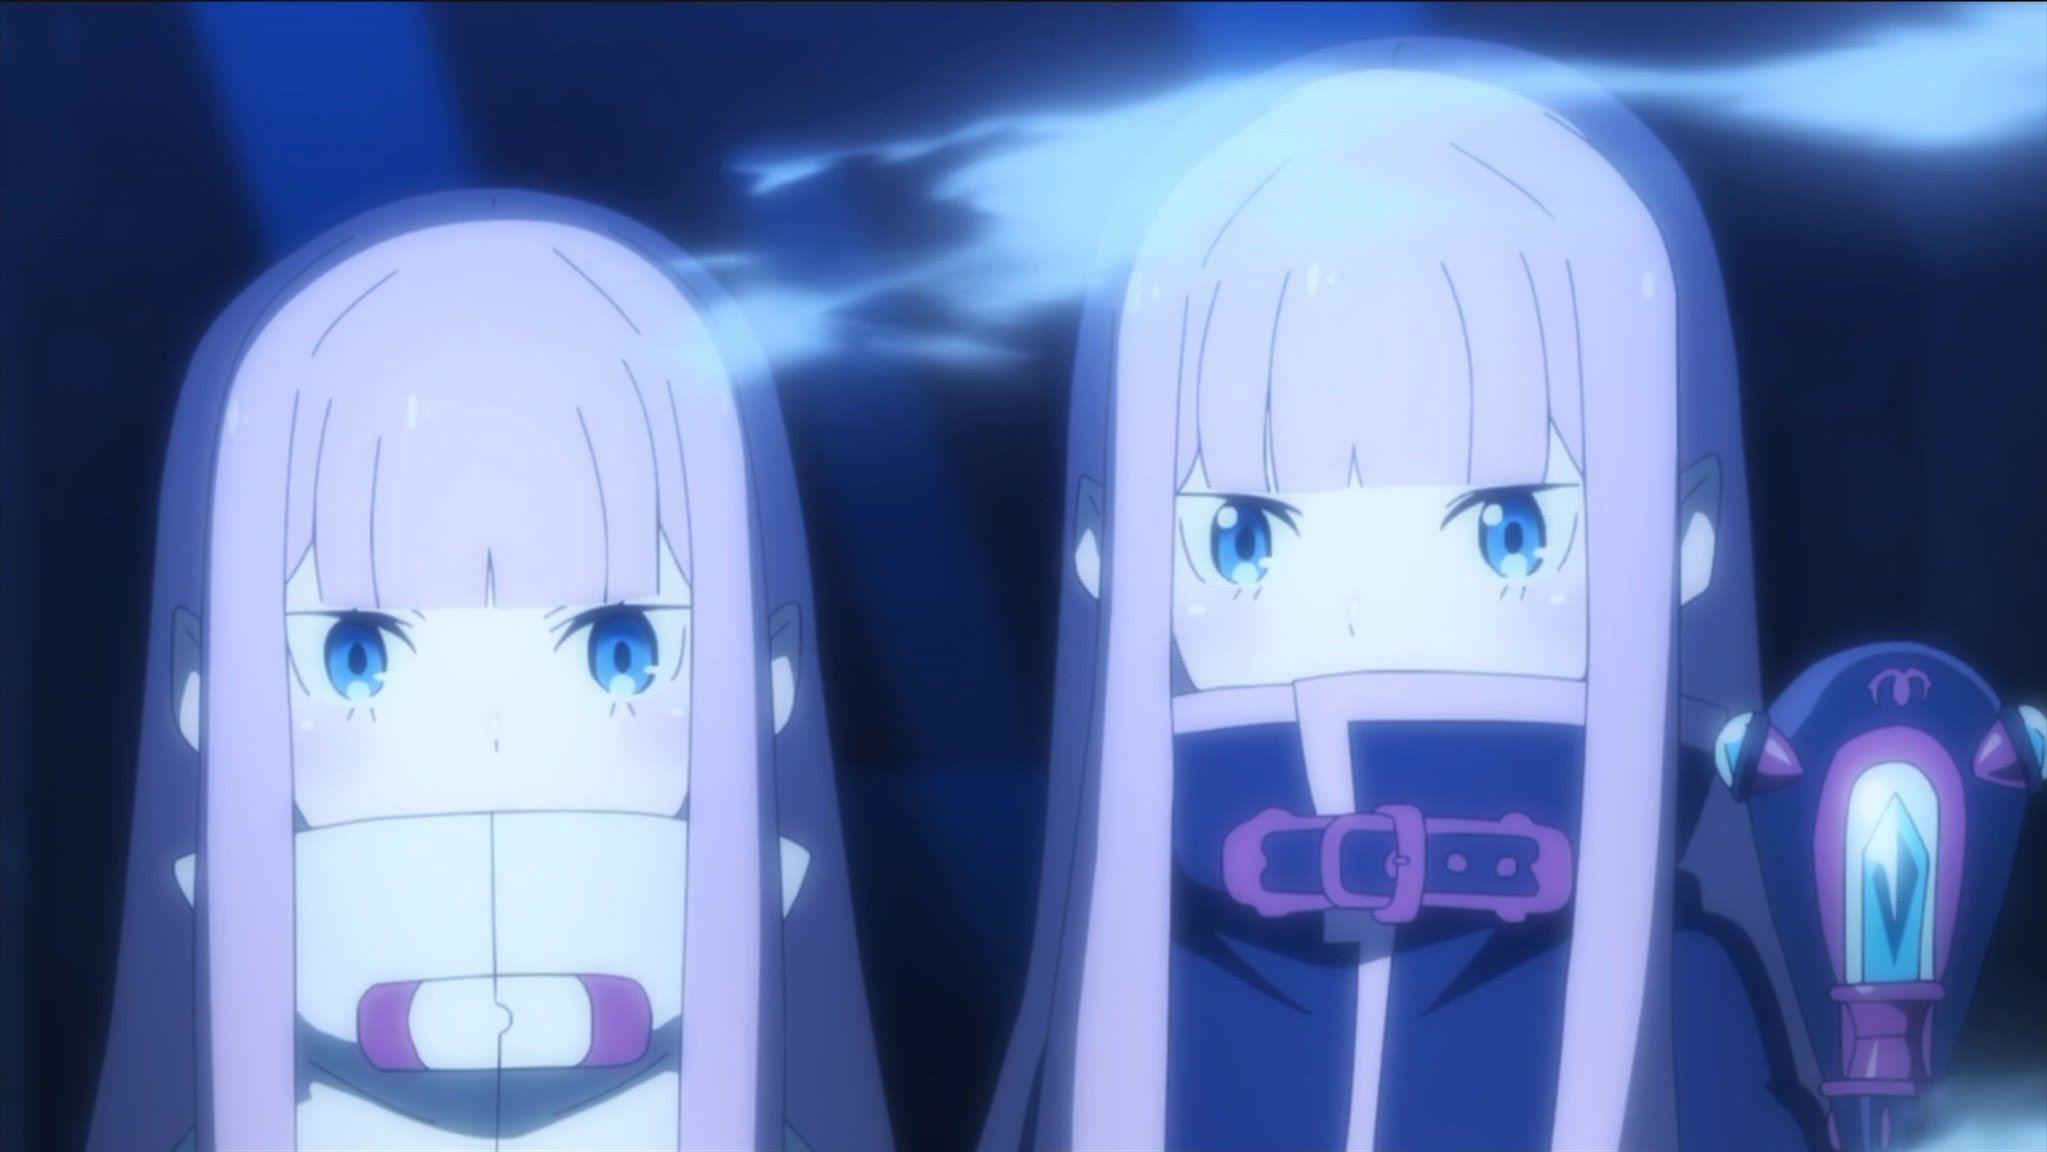 Ryuzu Copy Re Zero Ep 10 Hanasaku Anime Re Zero Wallpaper